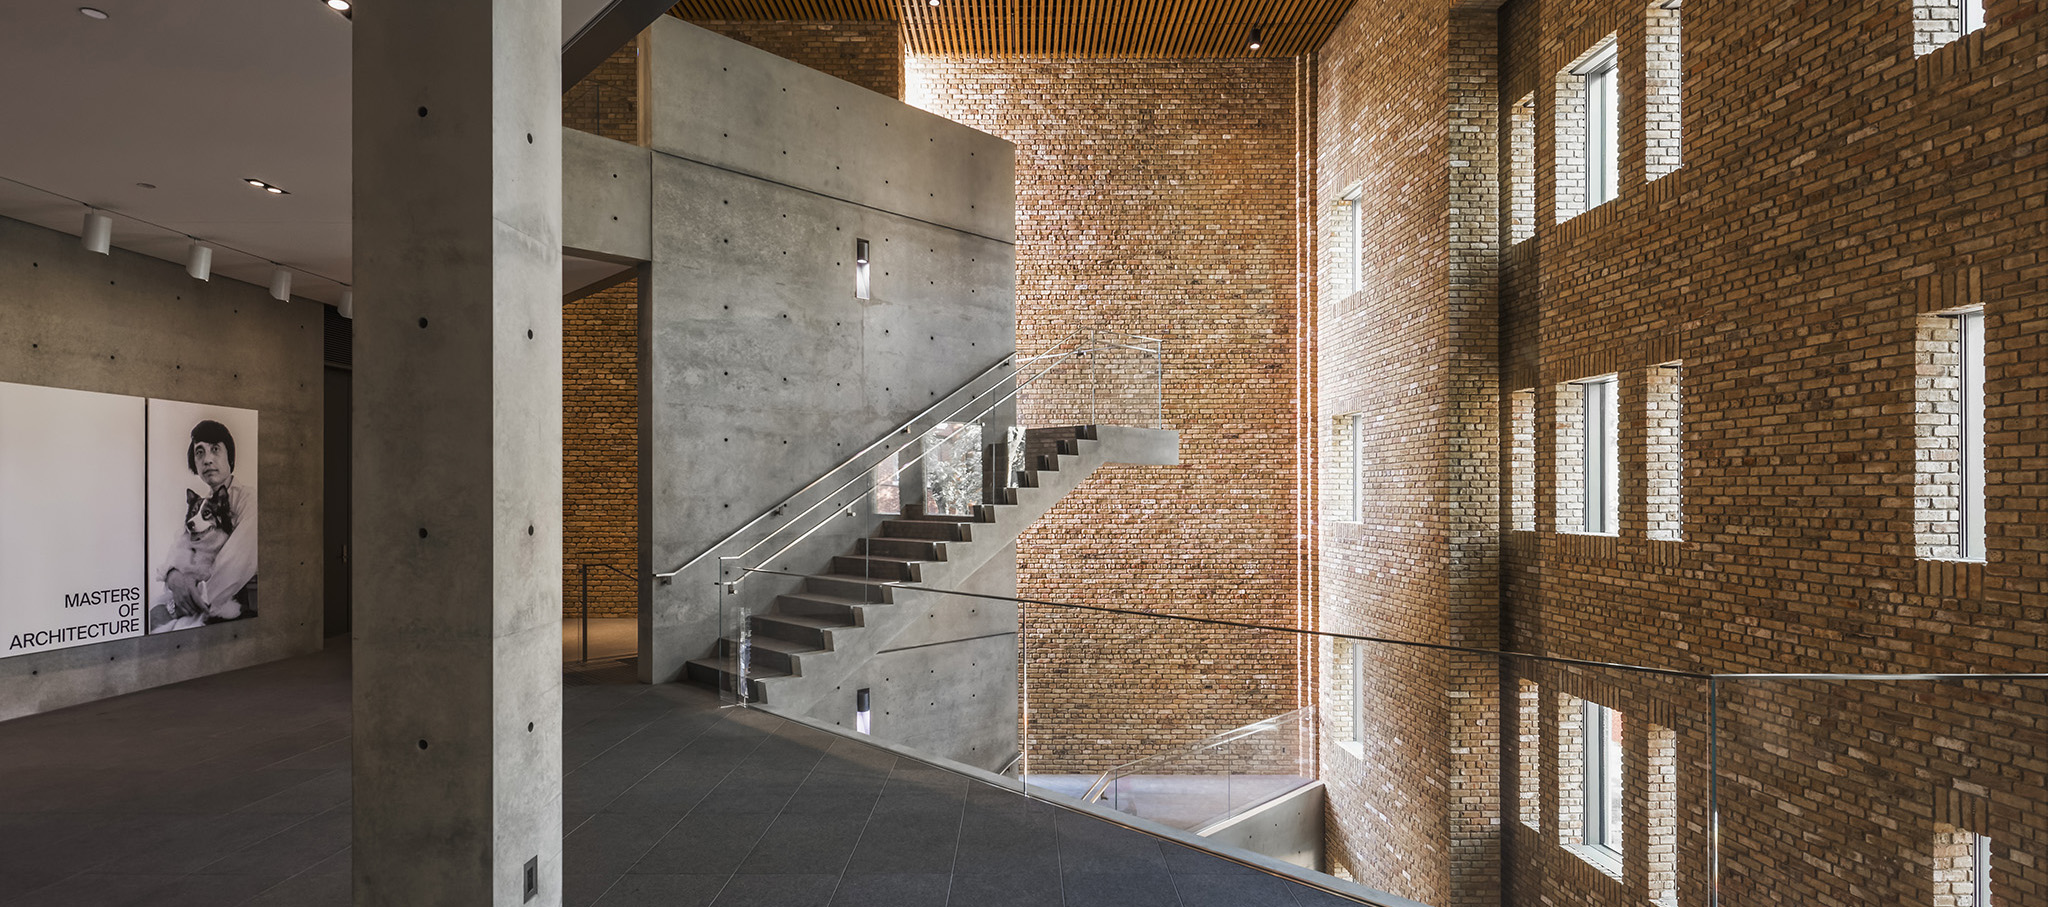 Wrightwood 659, Chicago, IL. Un nuevo espacio expositivo diseñado por Tadao Ando. © Jeff Goldberg/Esto